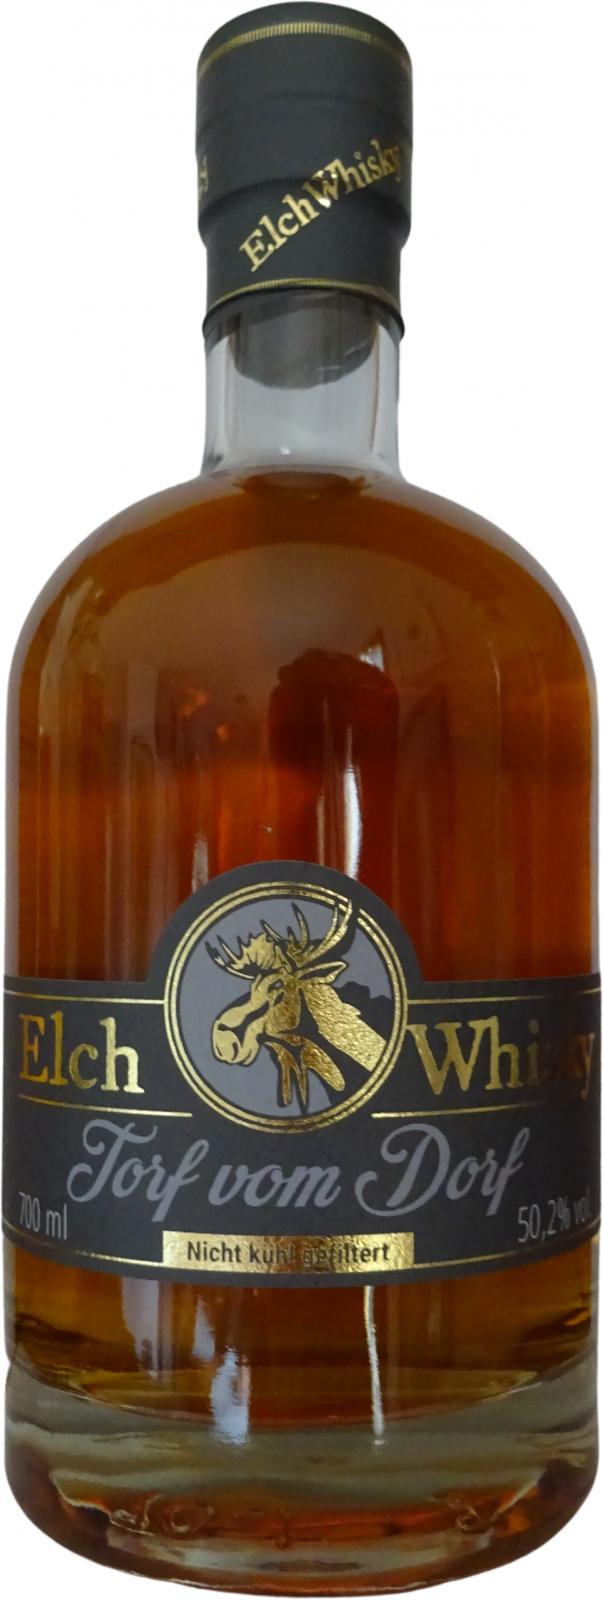 Elch Whisky Torf vom Dorf